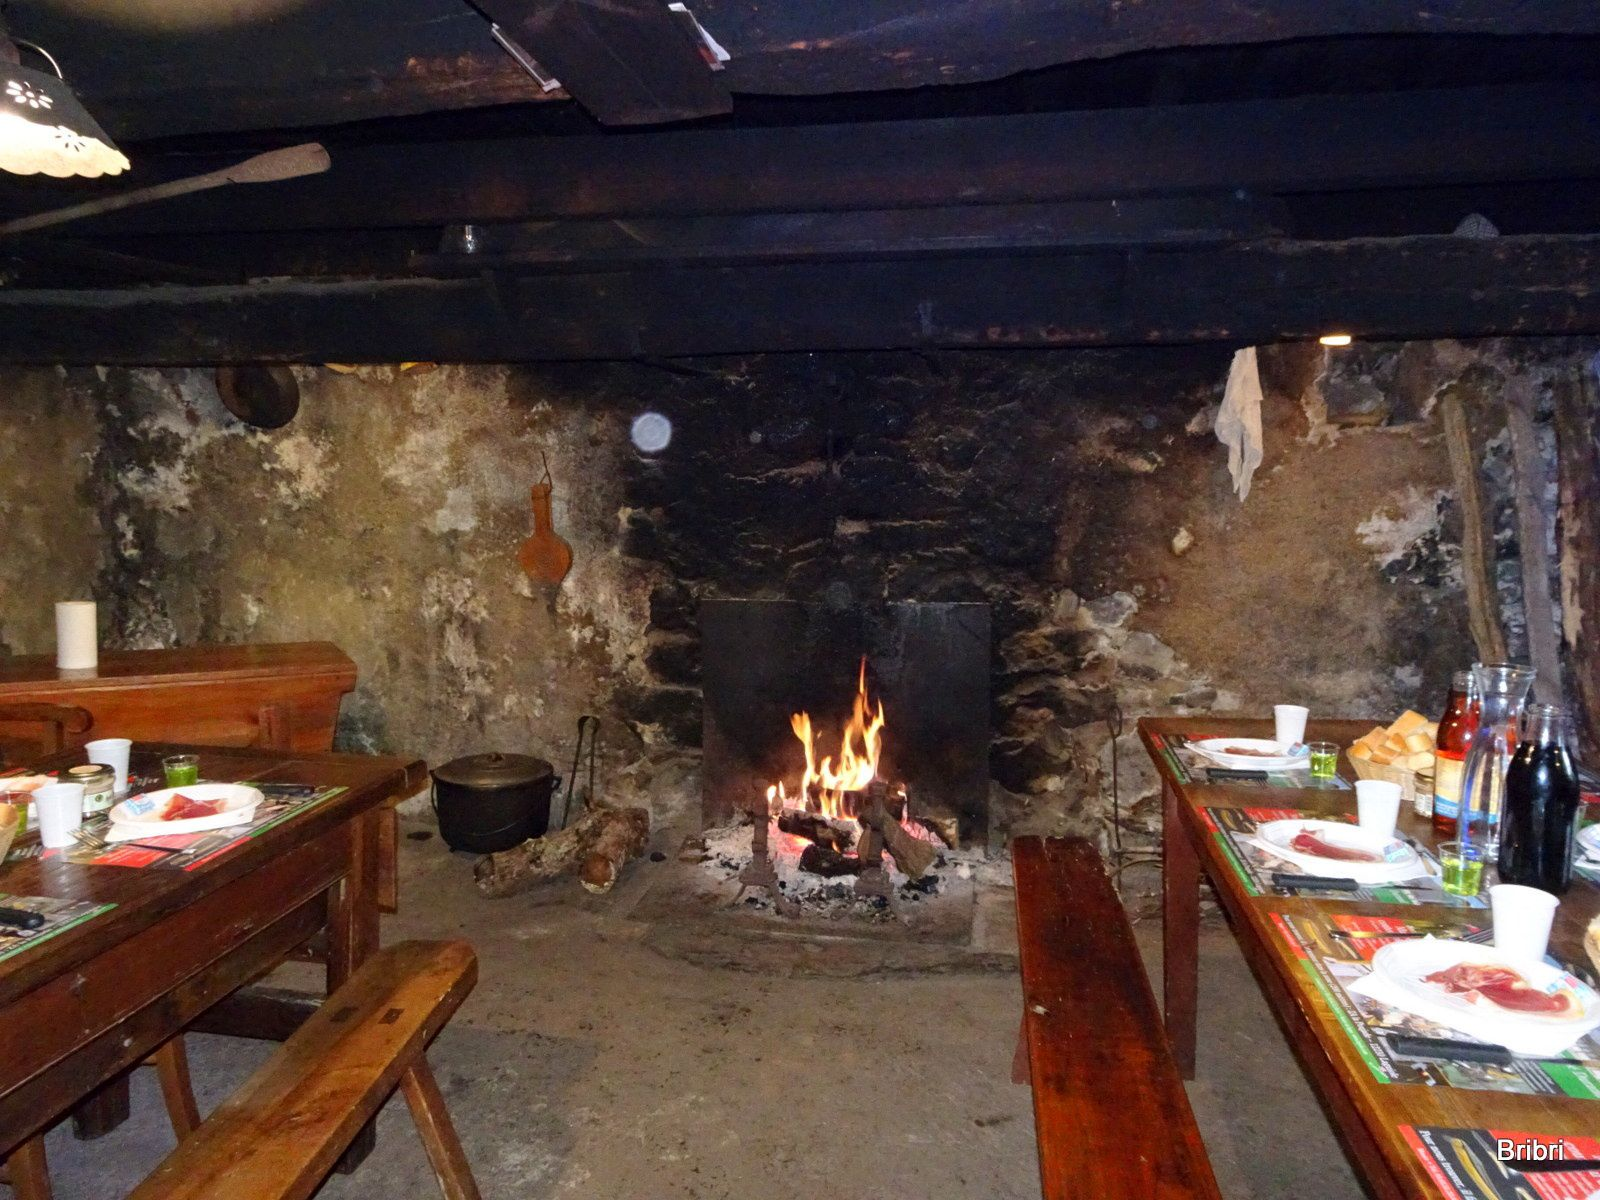 C'est là que nous prendrons notre déjeuner, dans ce buron, ce feu de cheminée est le bienvenu au vu de la température extérieure. Au mur de belles cloches/clarines.